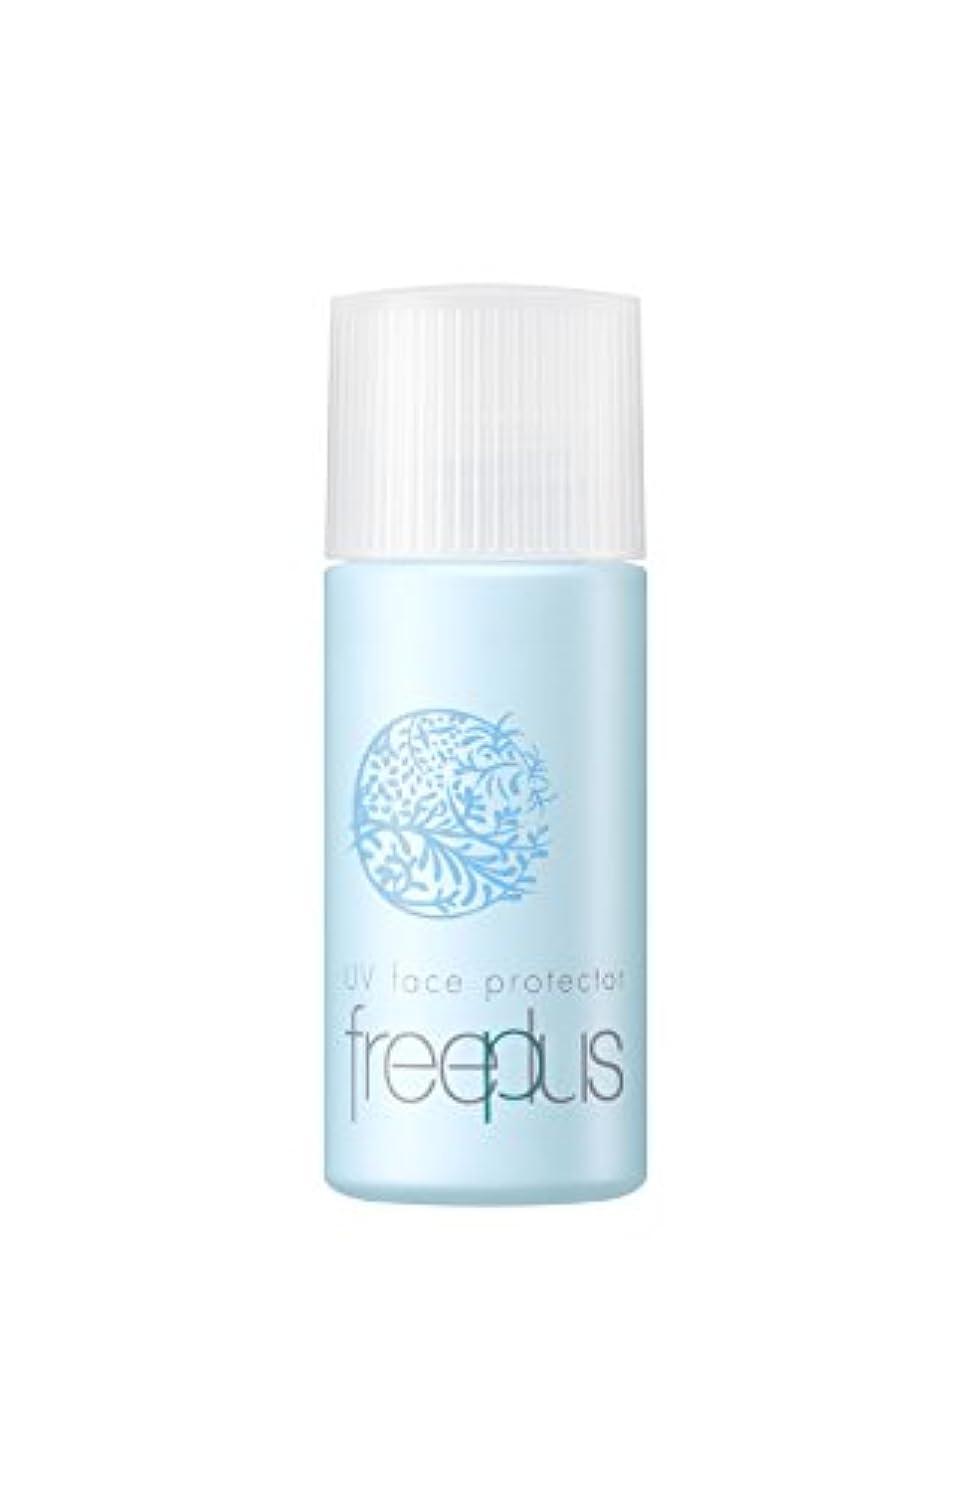 受け入れちなみに未満フリープラス UVフェースプロテクター(日やけ止め美容液?化粧下地)SPF36/PA+++